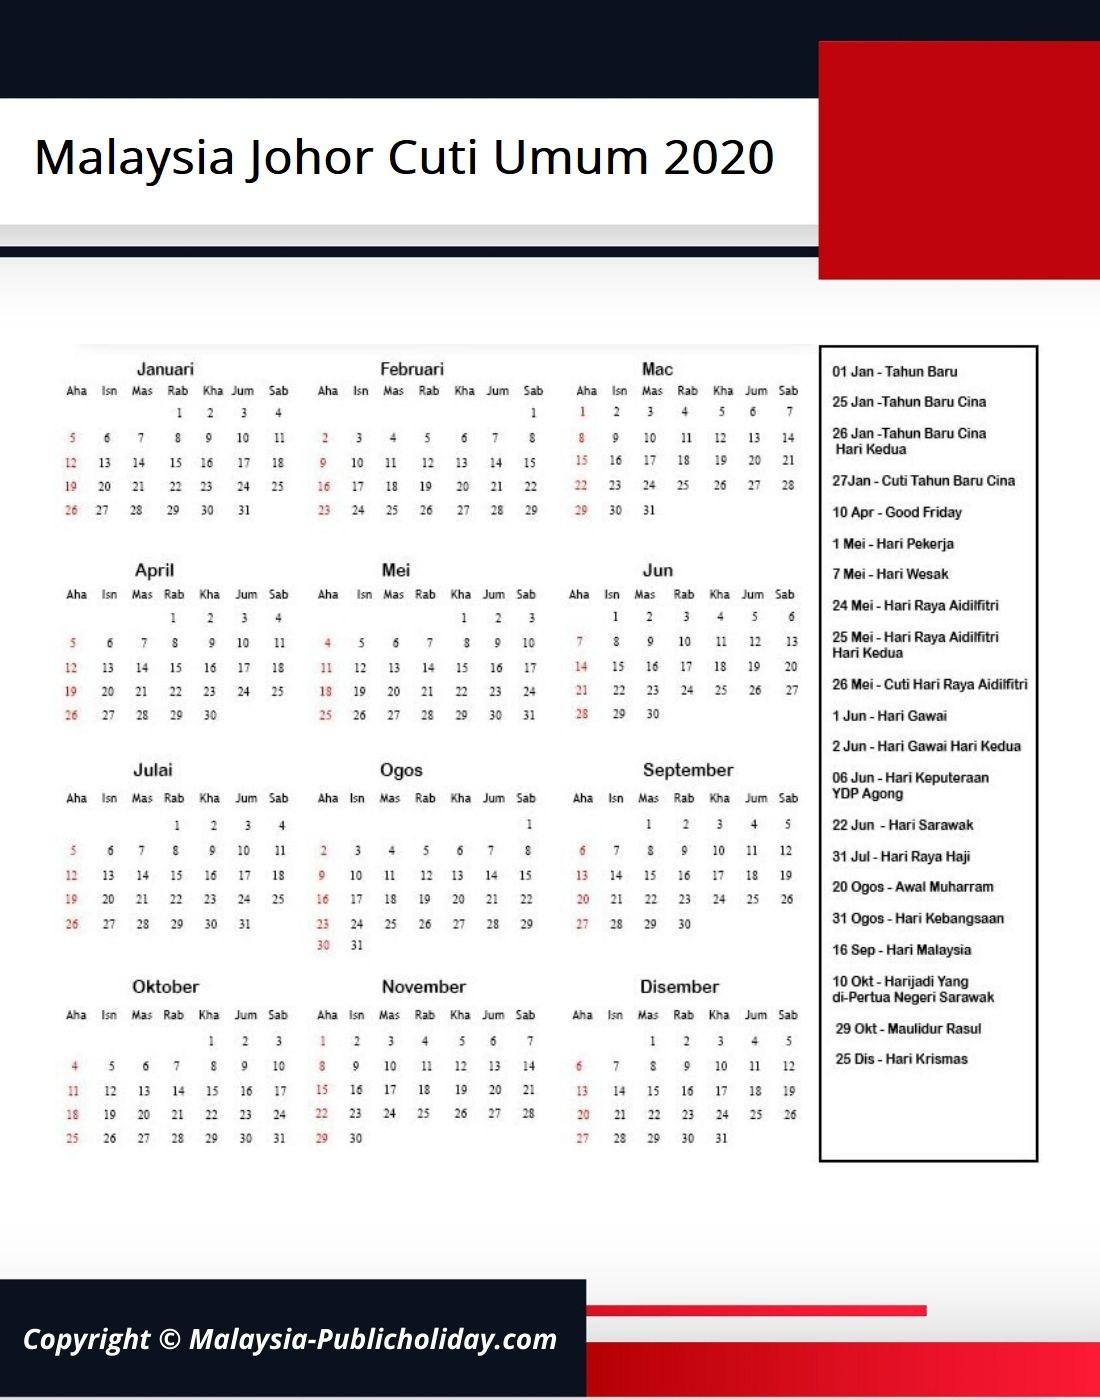 Cuti Umum Johor 2020 Malaysia